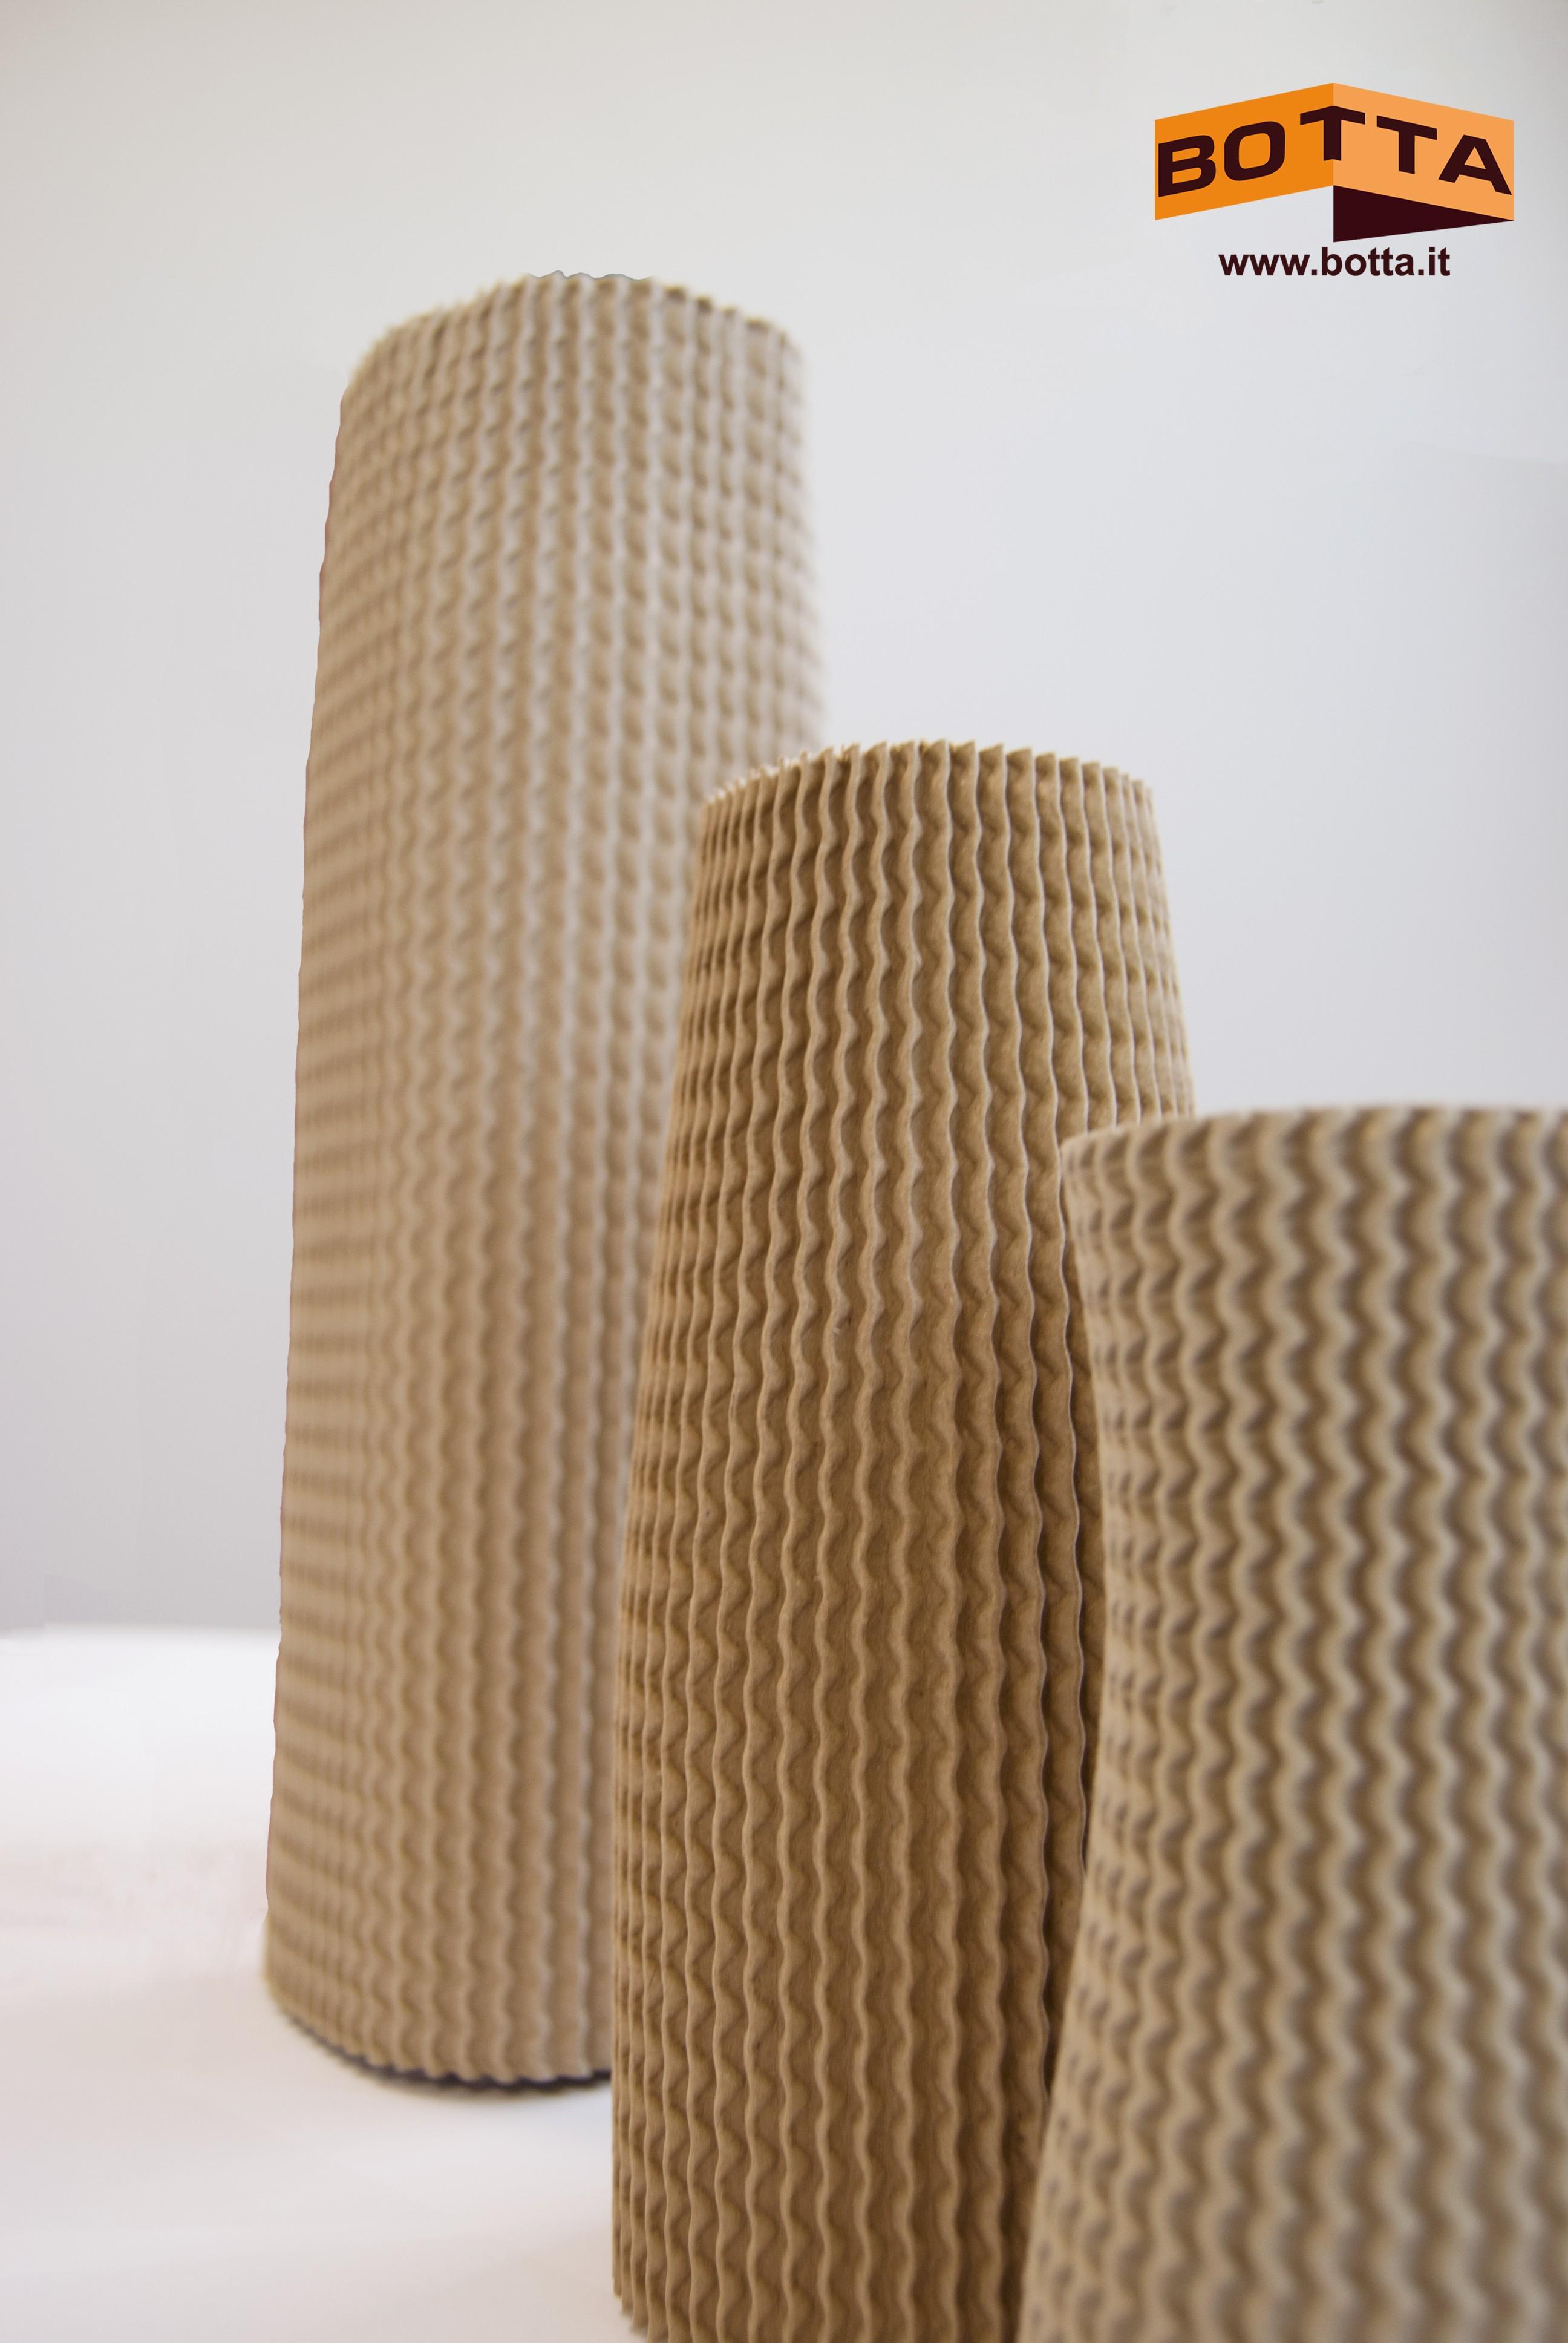 carta elastica, sleeve, sleeves, carbion, elastowell